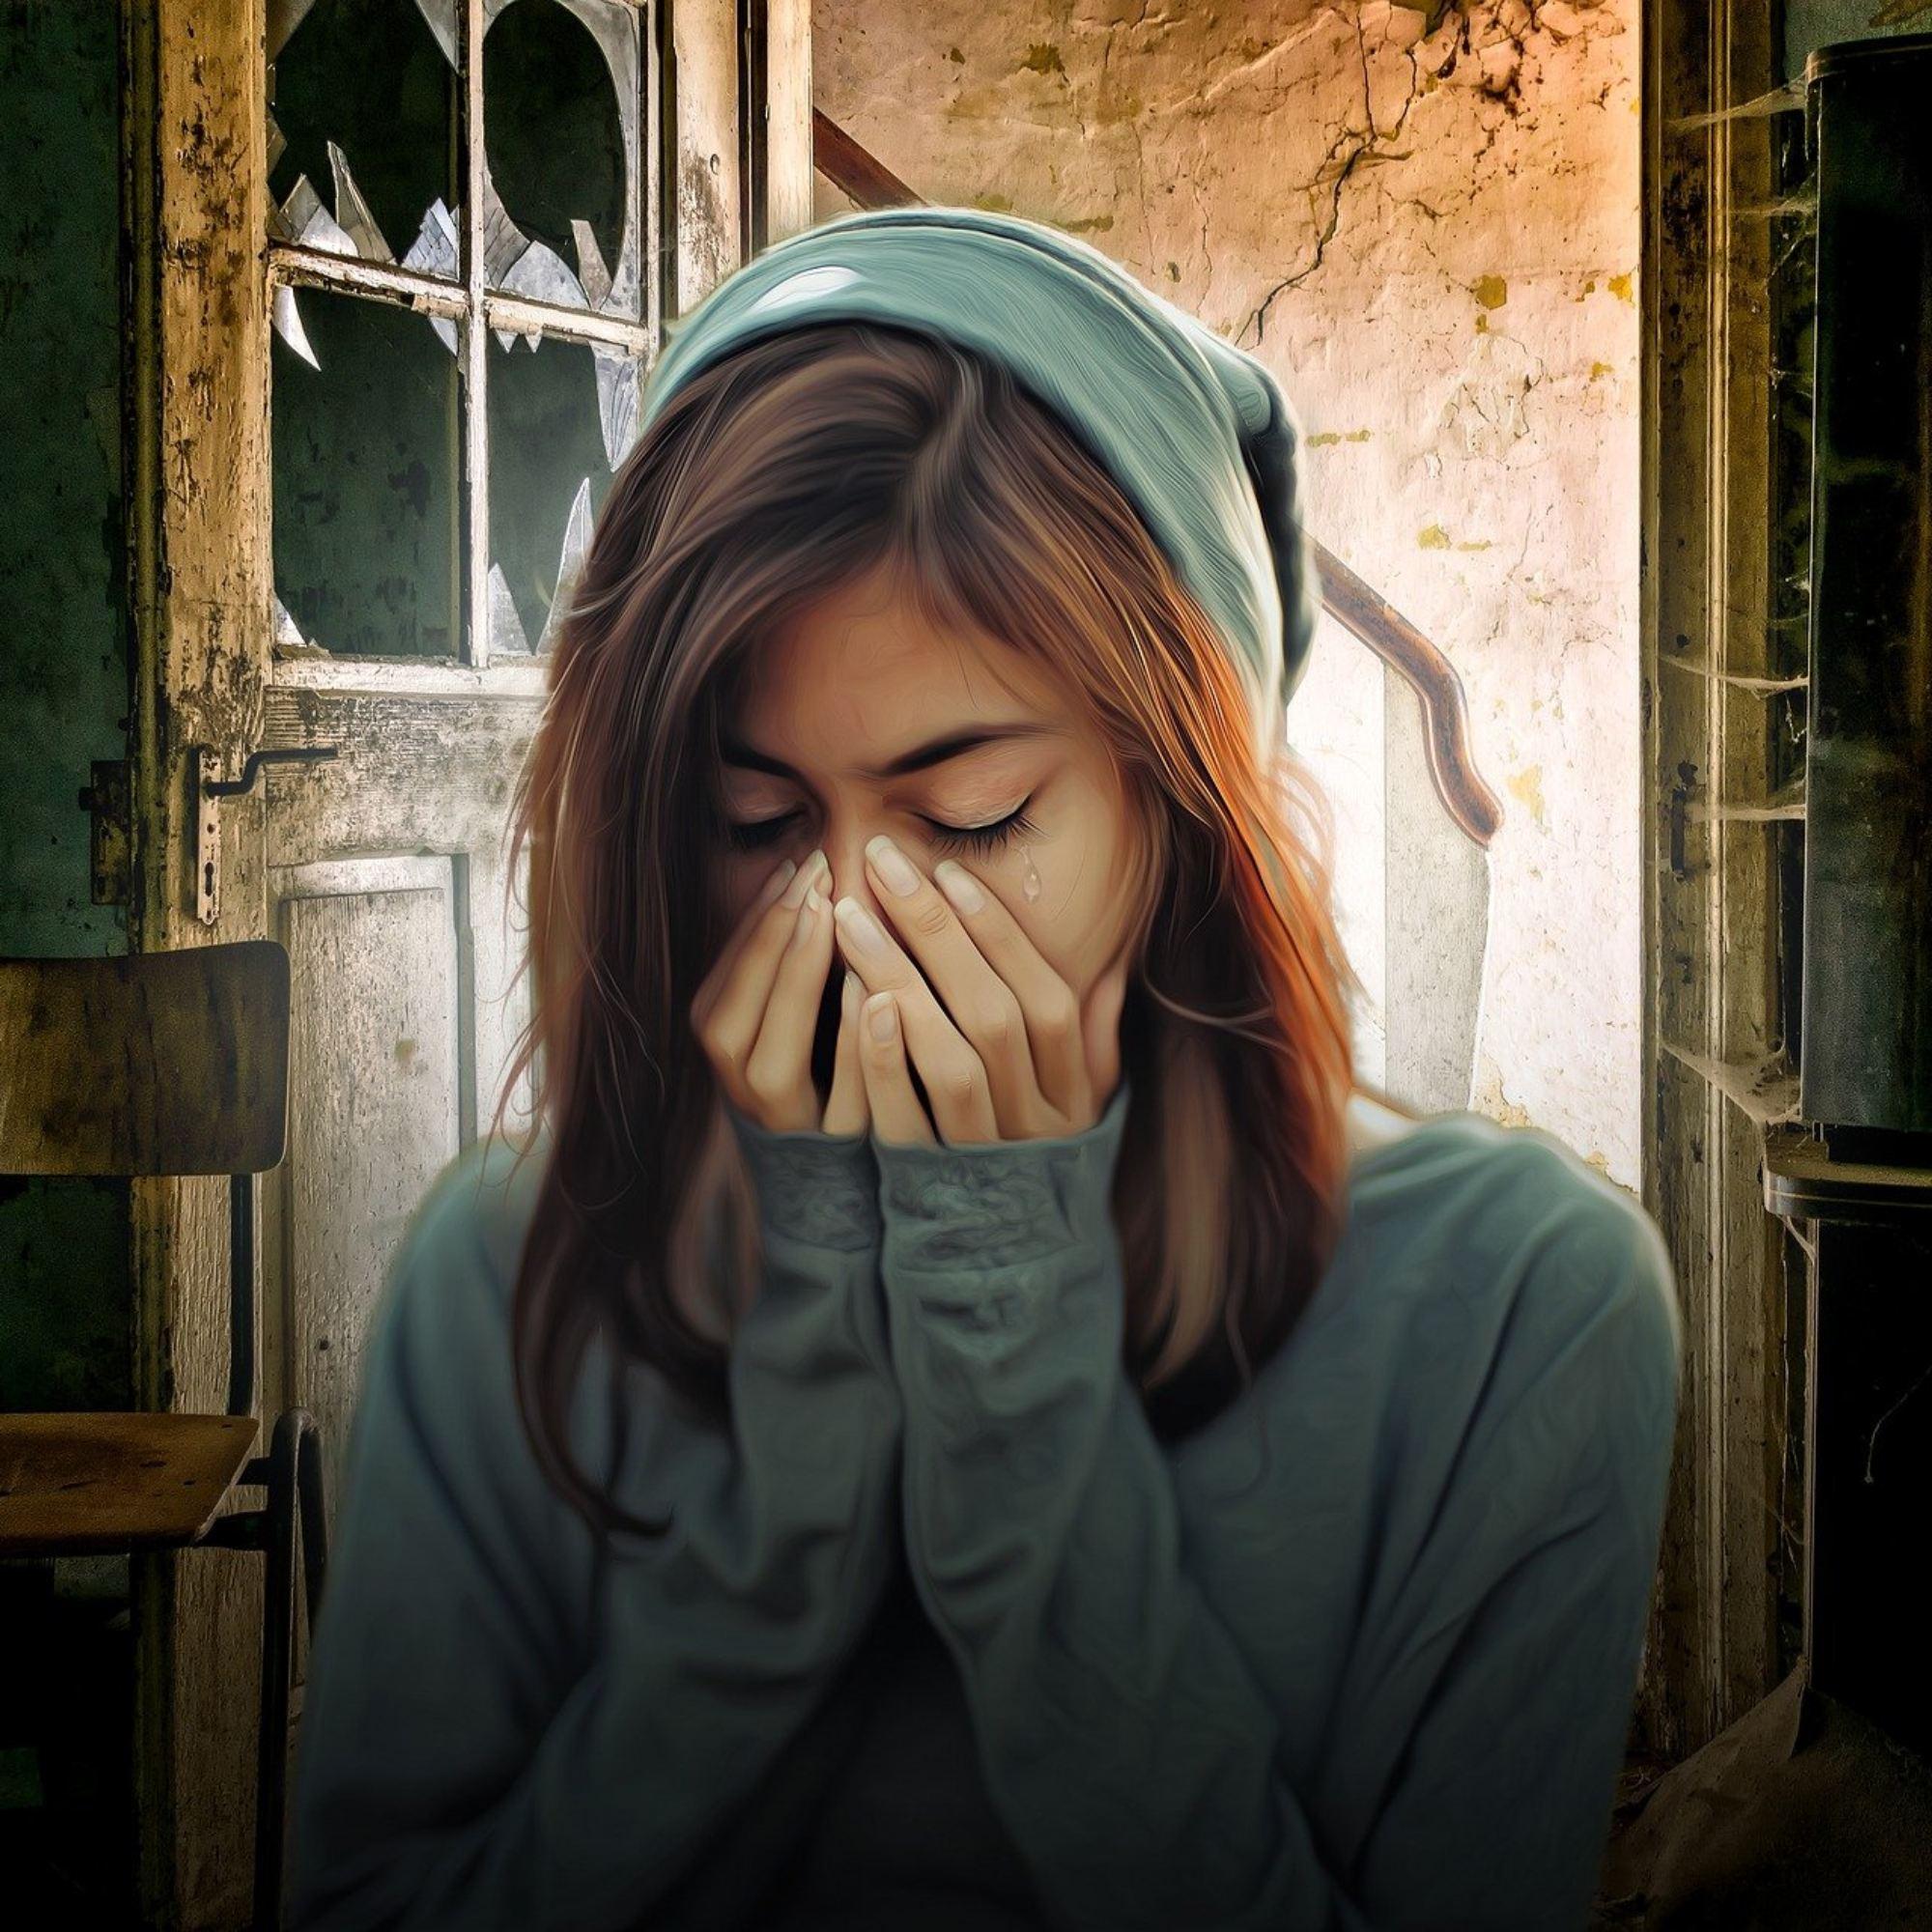 Schicksal – Warum lässt GOTT das Leid zu?